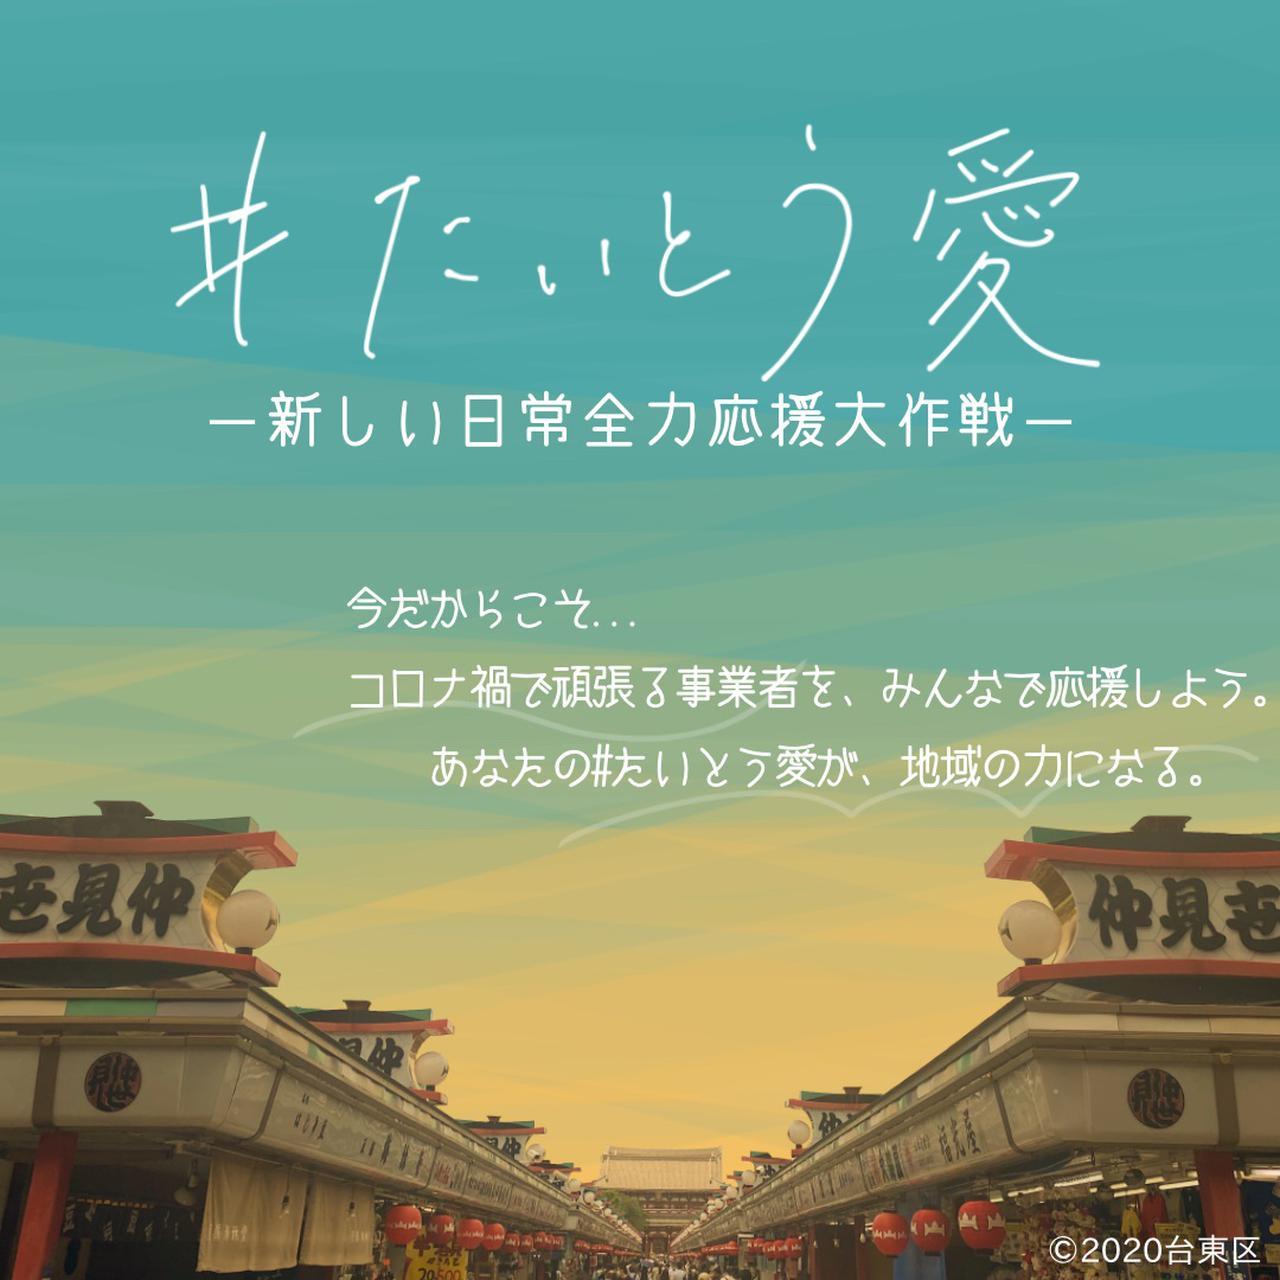 """画像1: 今できるのは、""""浅草に行きたい""""という気運を高める魅力発信"""